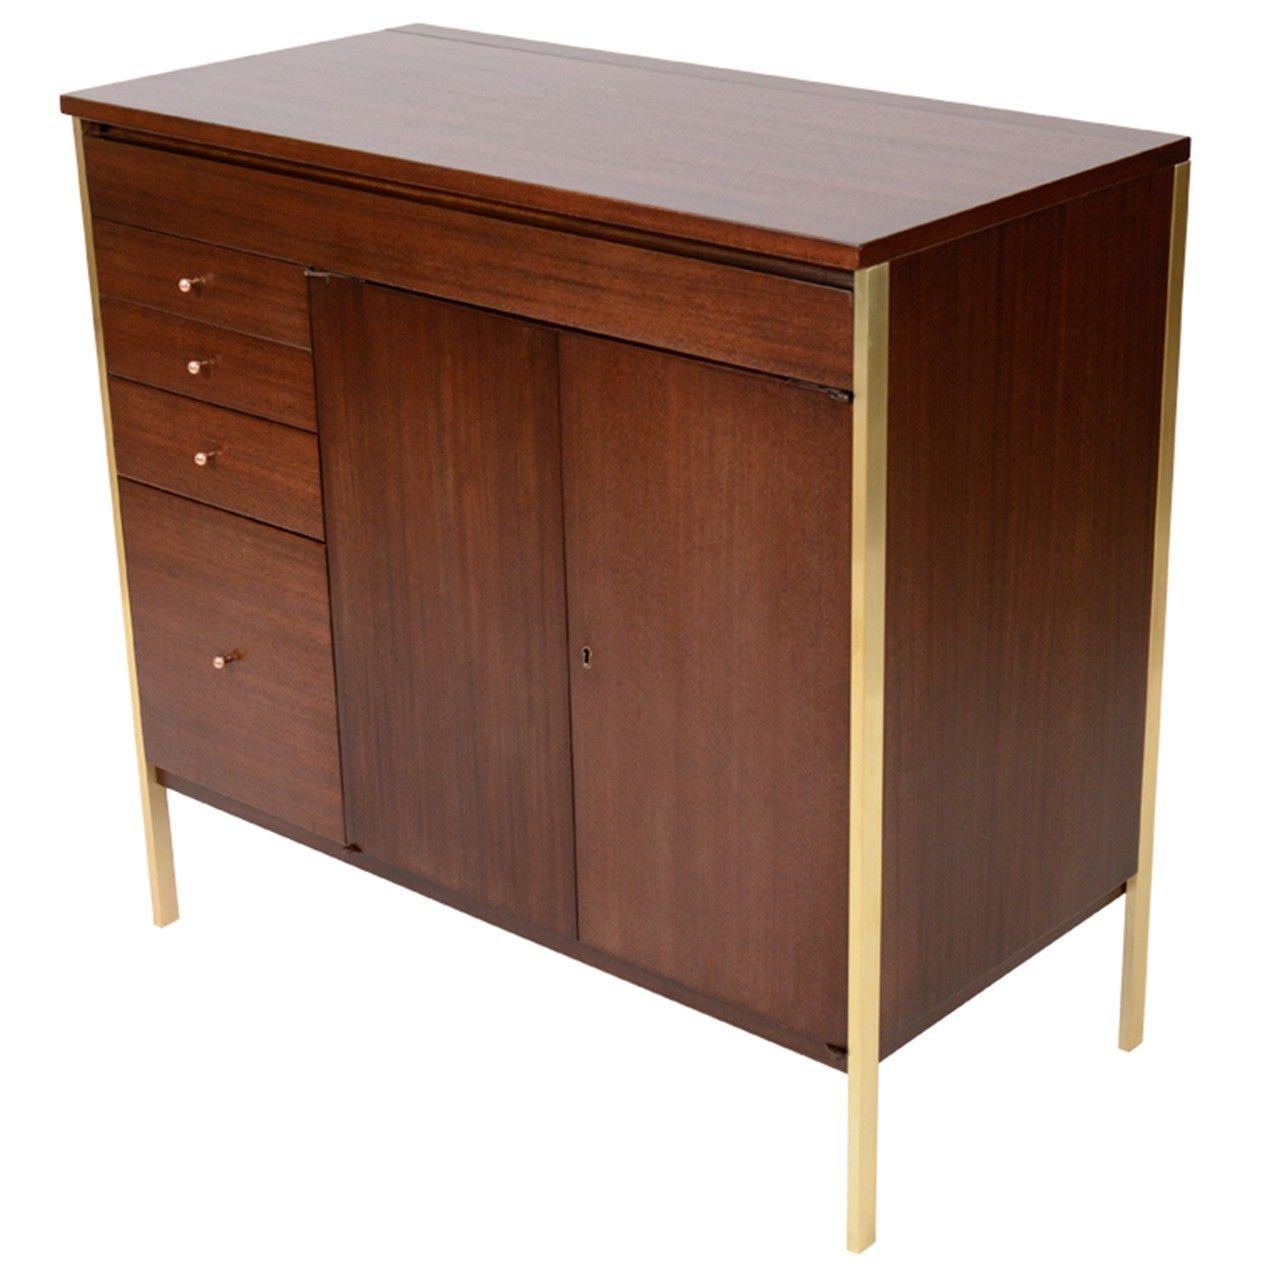 paul mccobb connoisseur collection bar cabinet